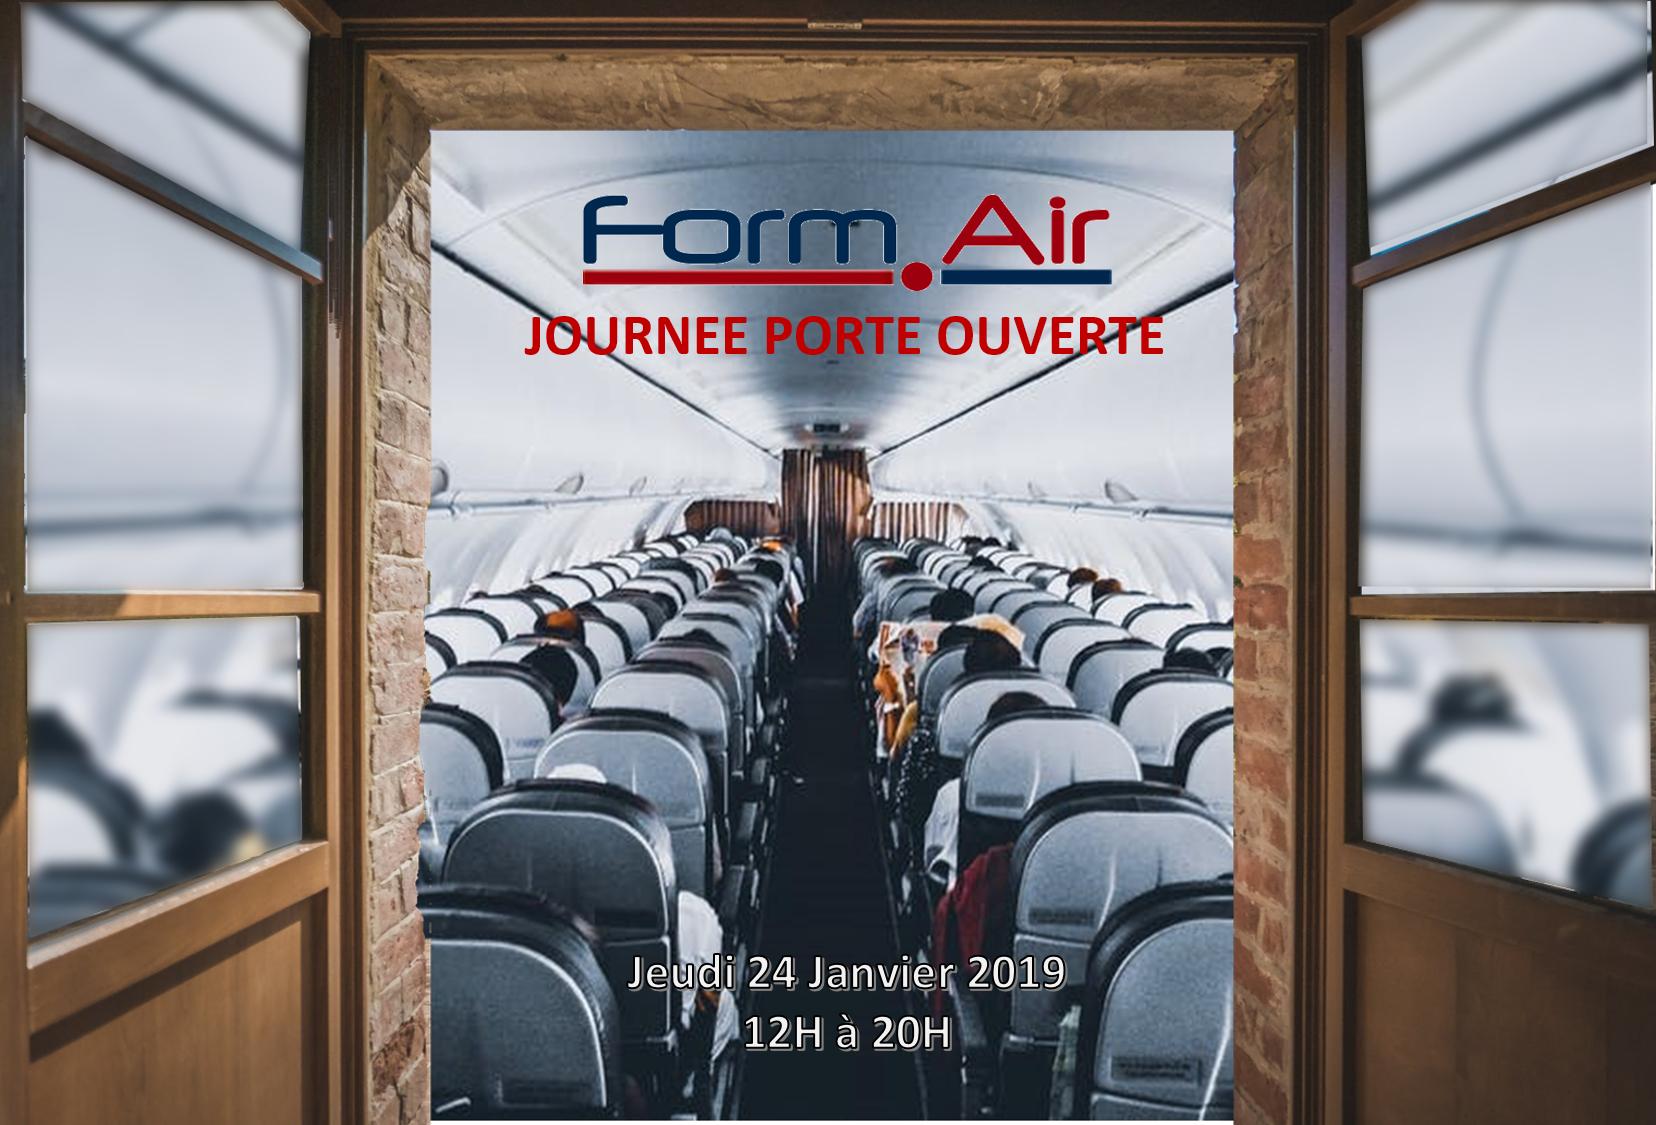 Première porte ouverte 2019 chez Formair